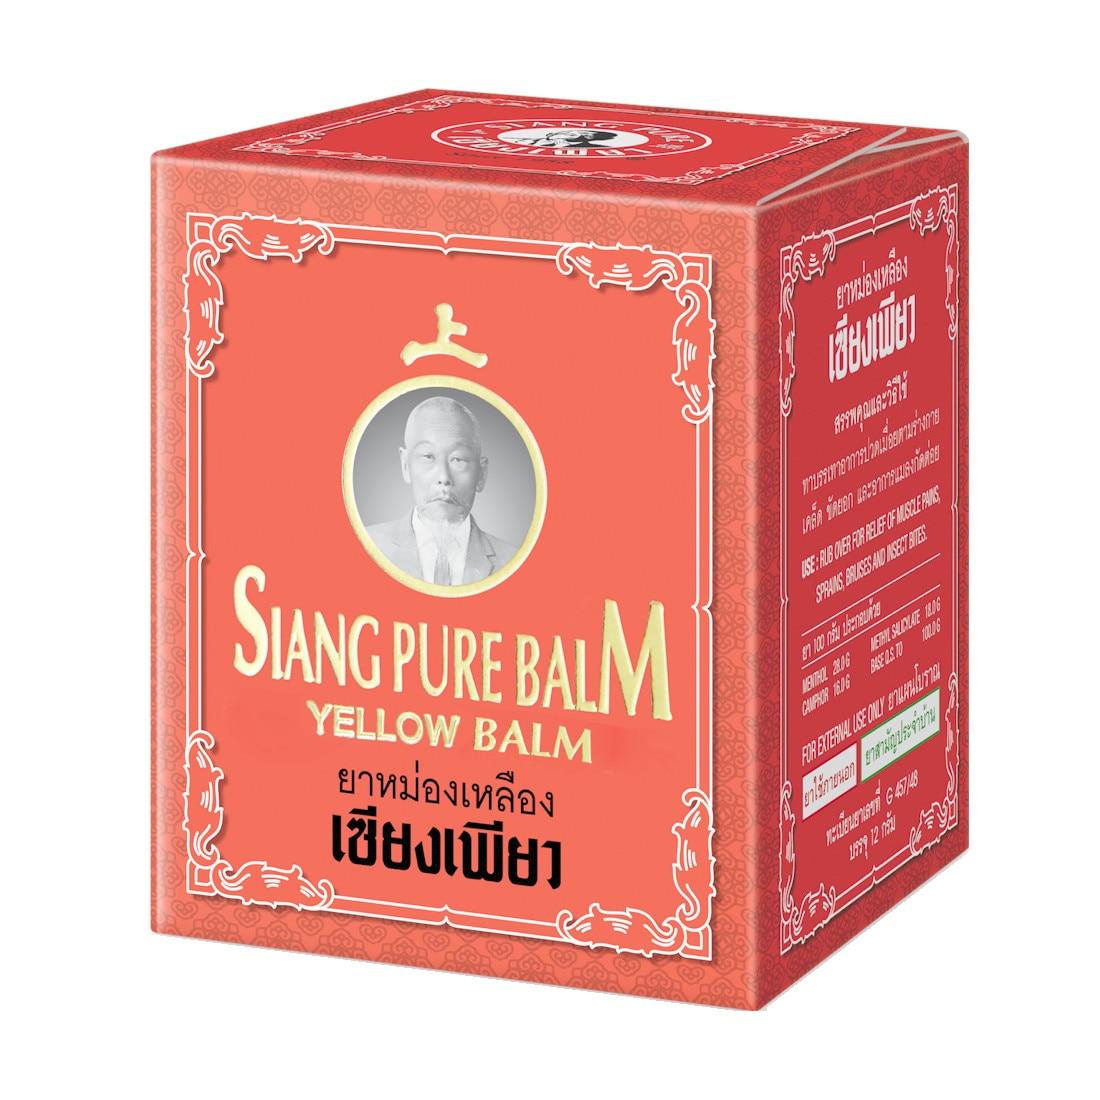 Dureri articulare thailandice balsamuri recenzii